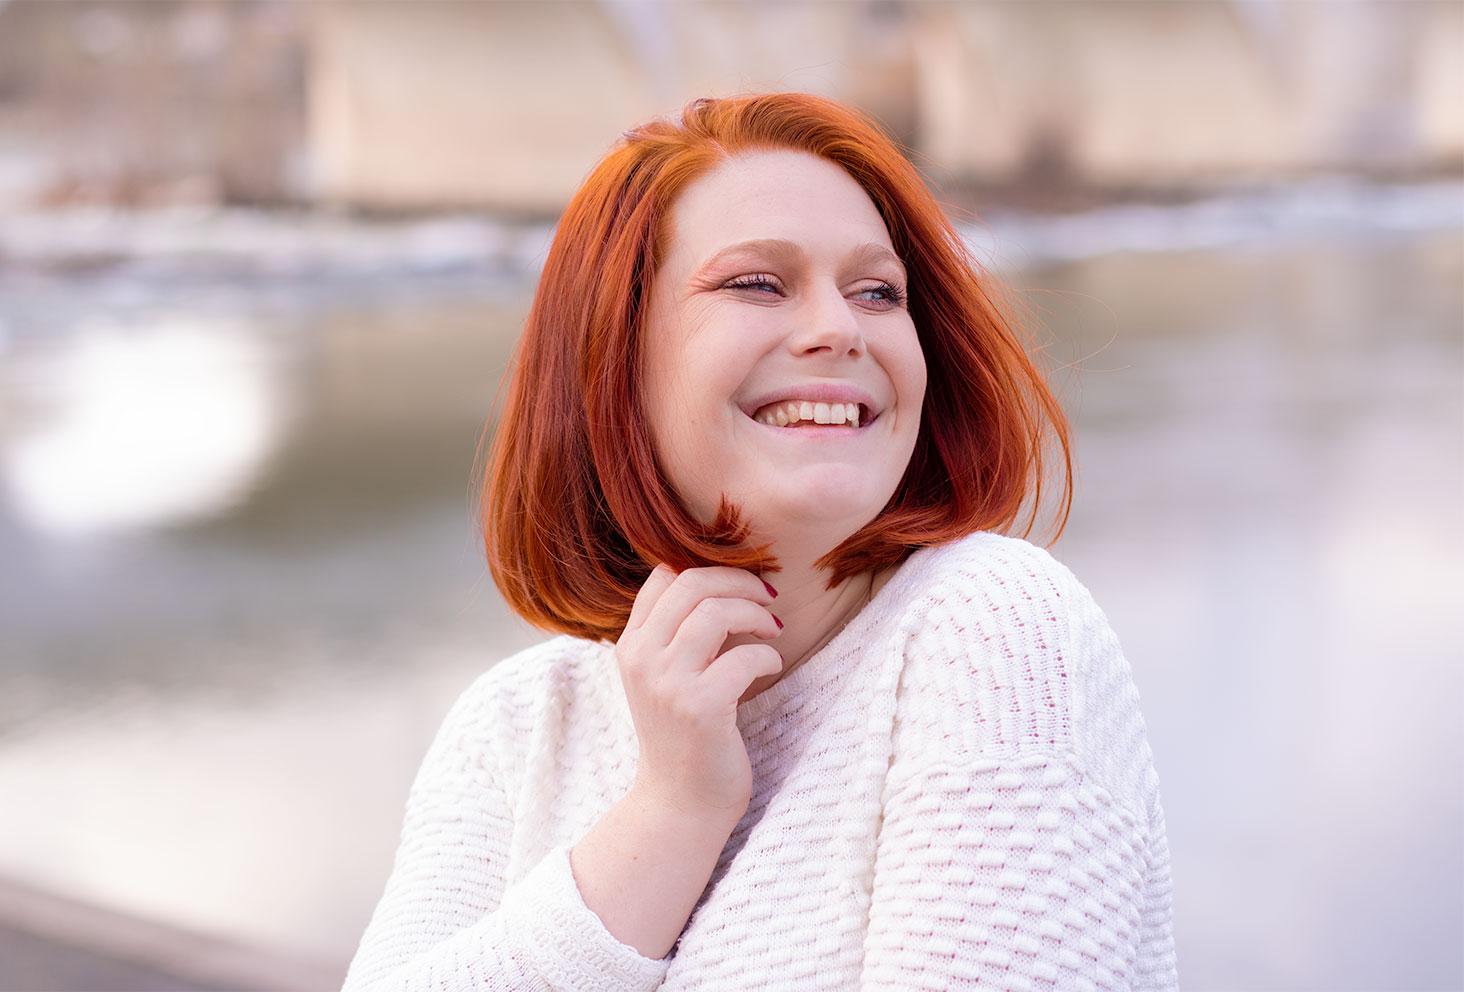 Résultat de la coloration végétale au henné naturel pour cheveux roux, coupe au carré de profil avec le sourire